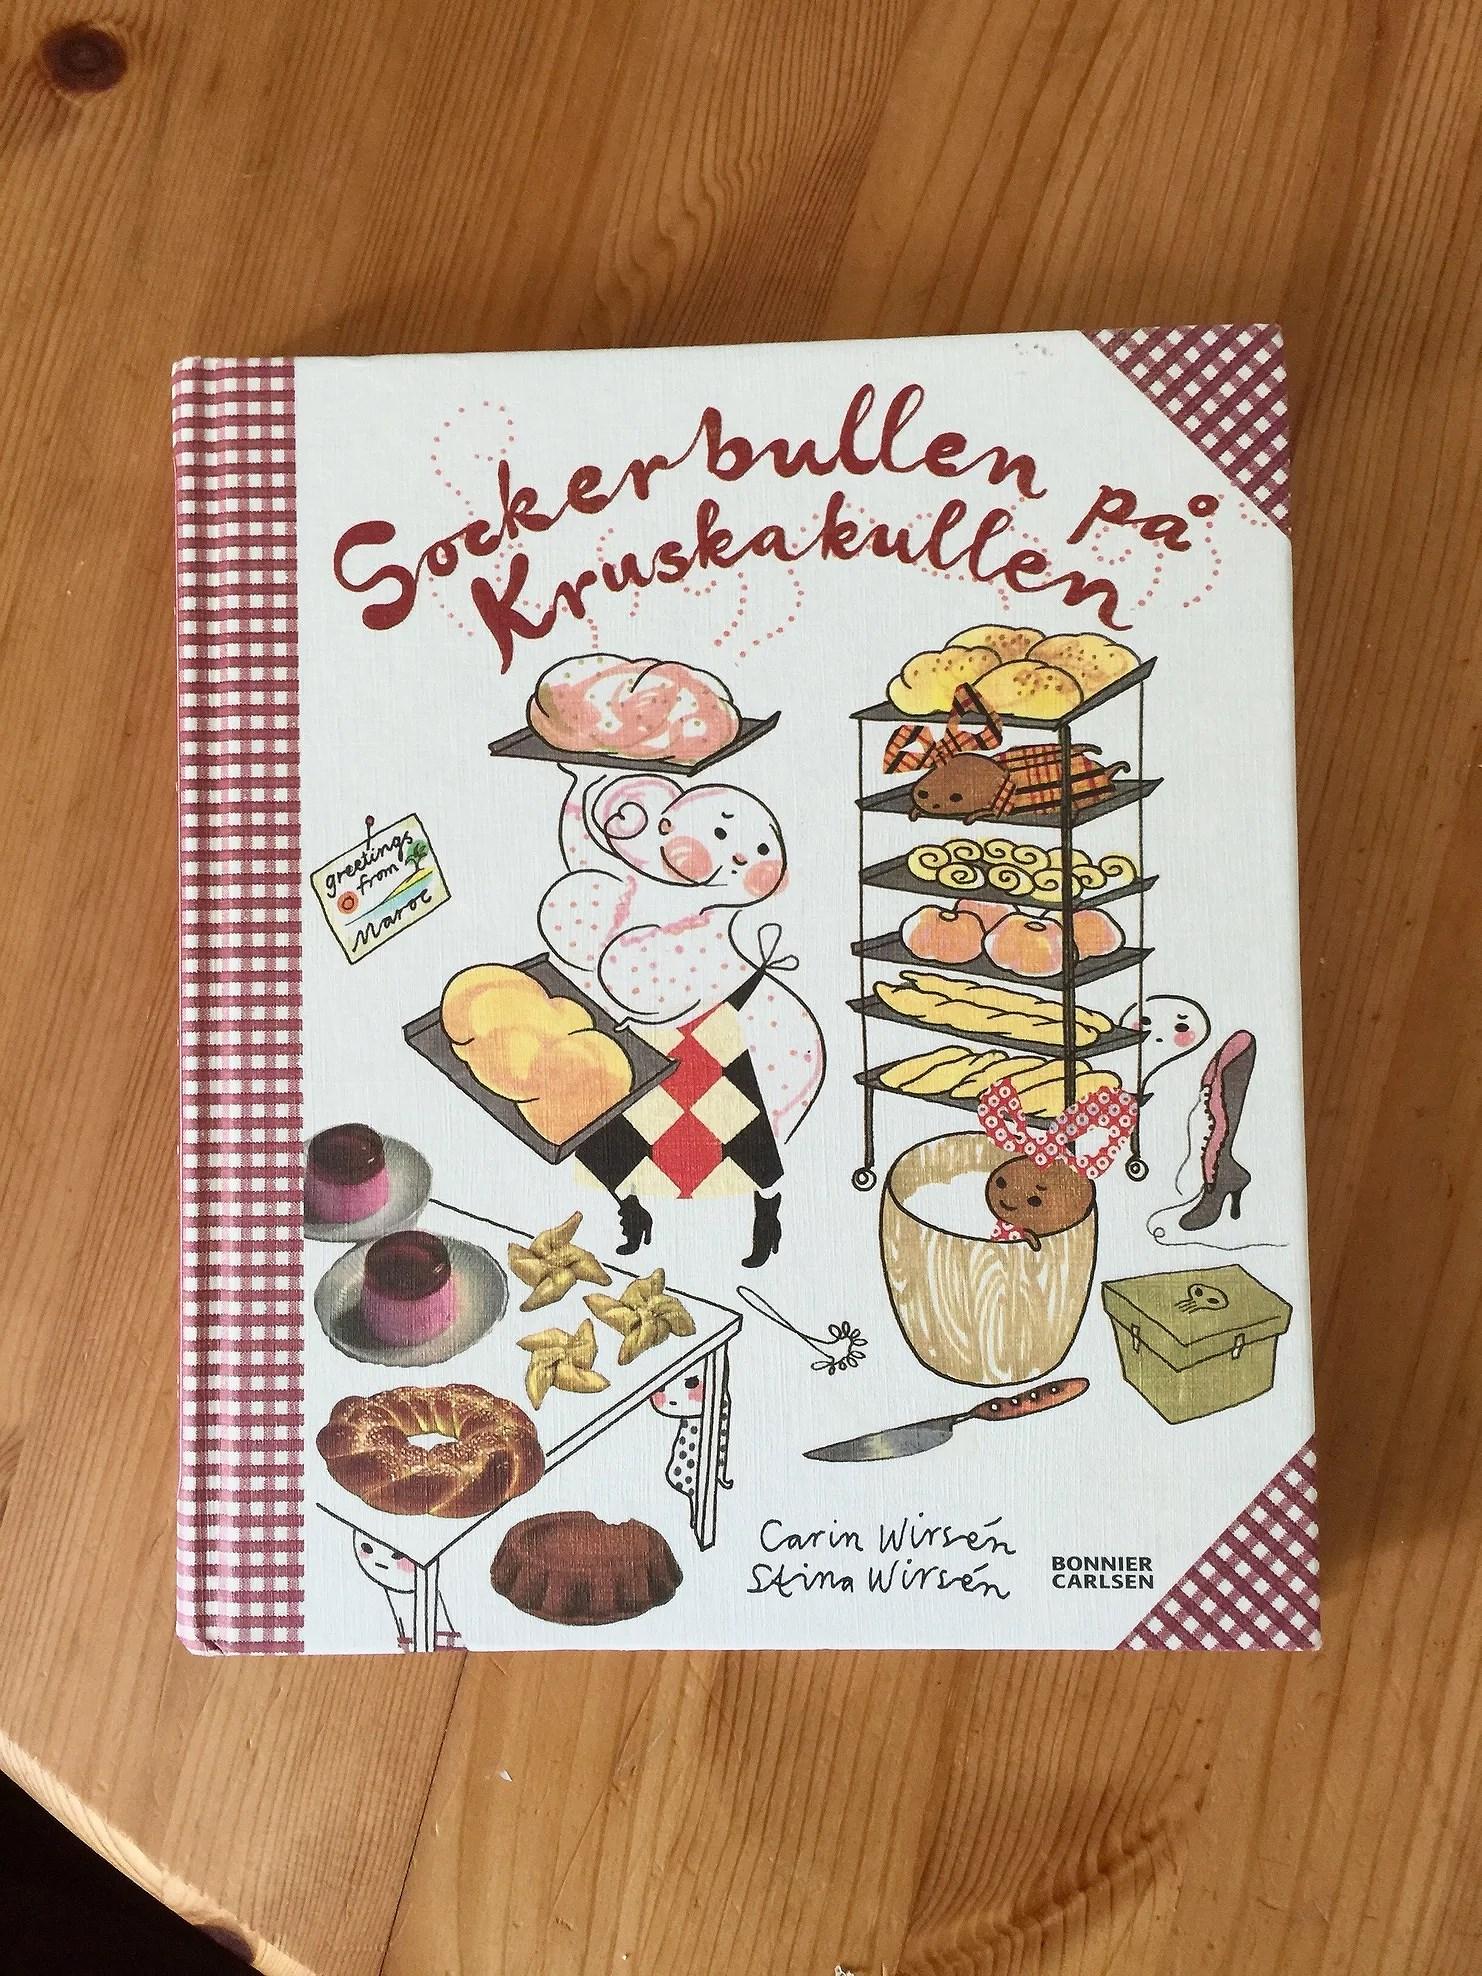 Sockerbullen på kruskakullen | Stina Wirsén och Carin Wirsén